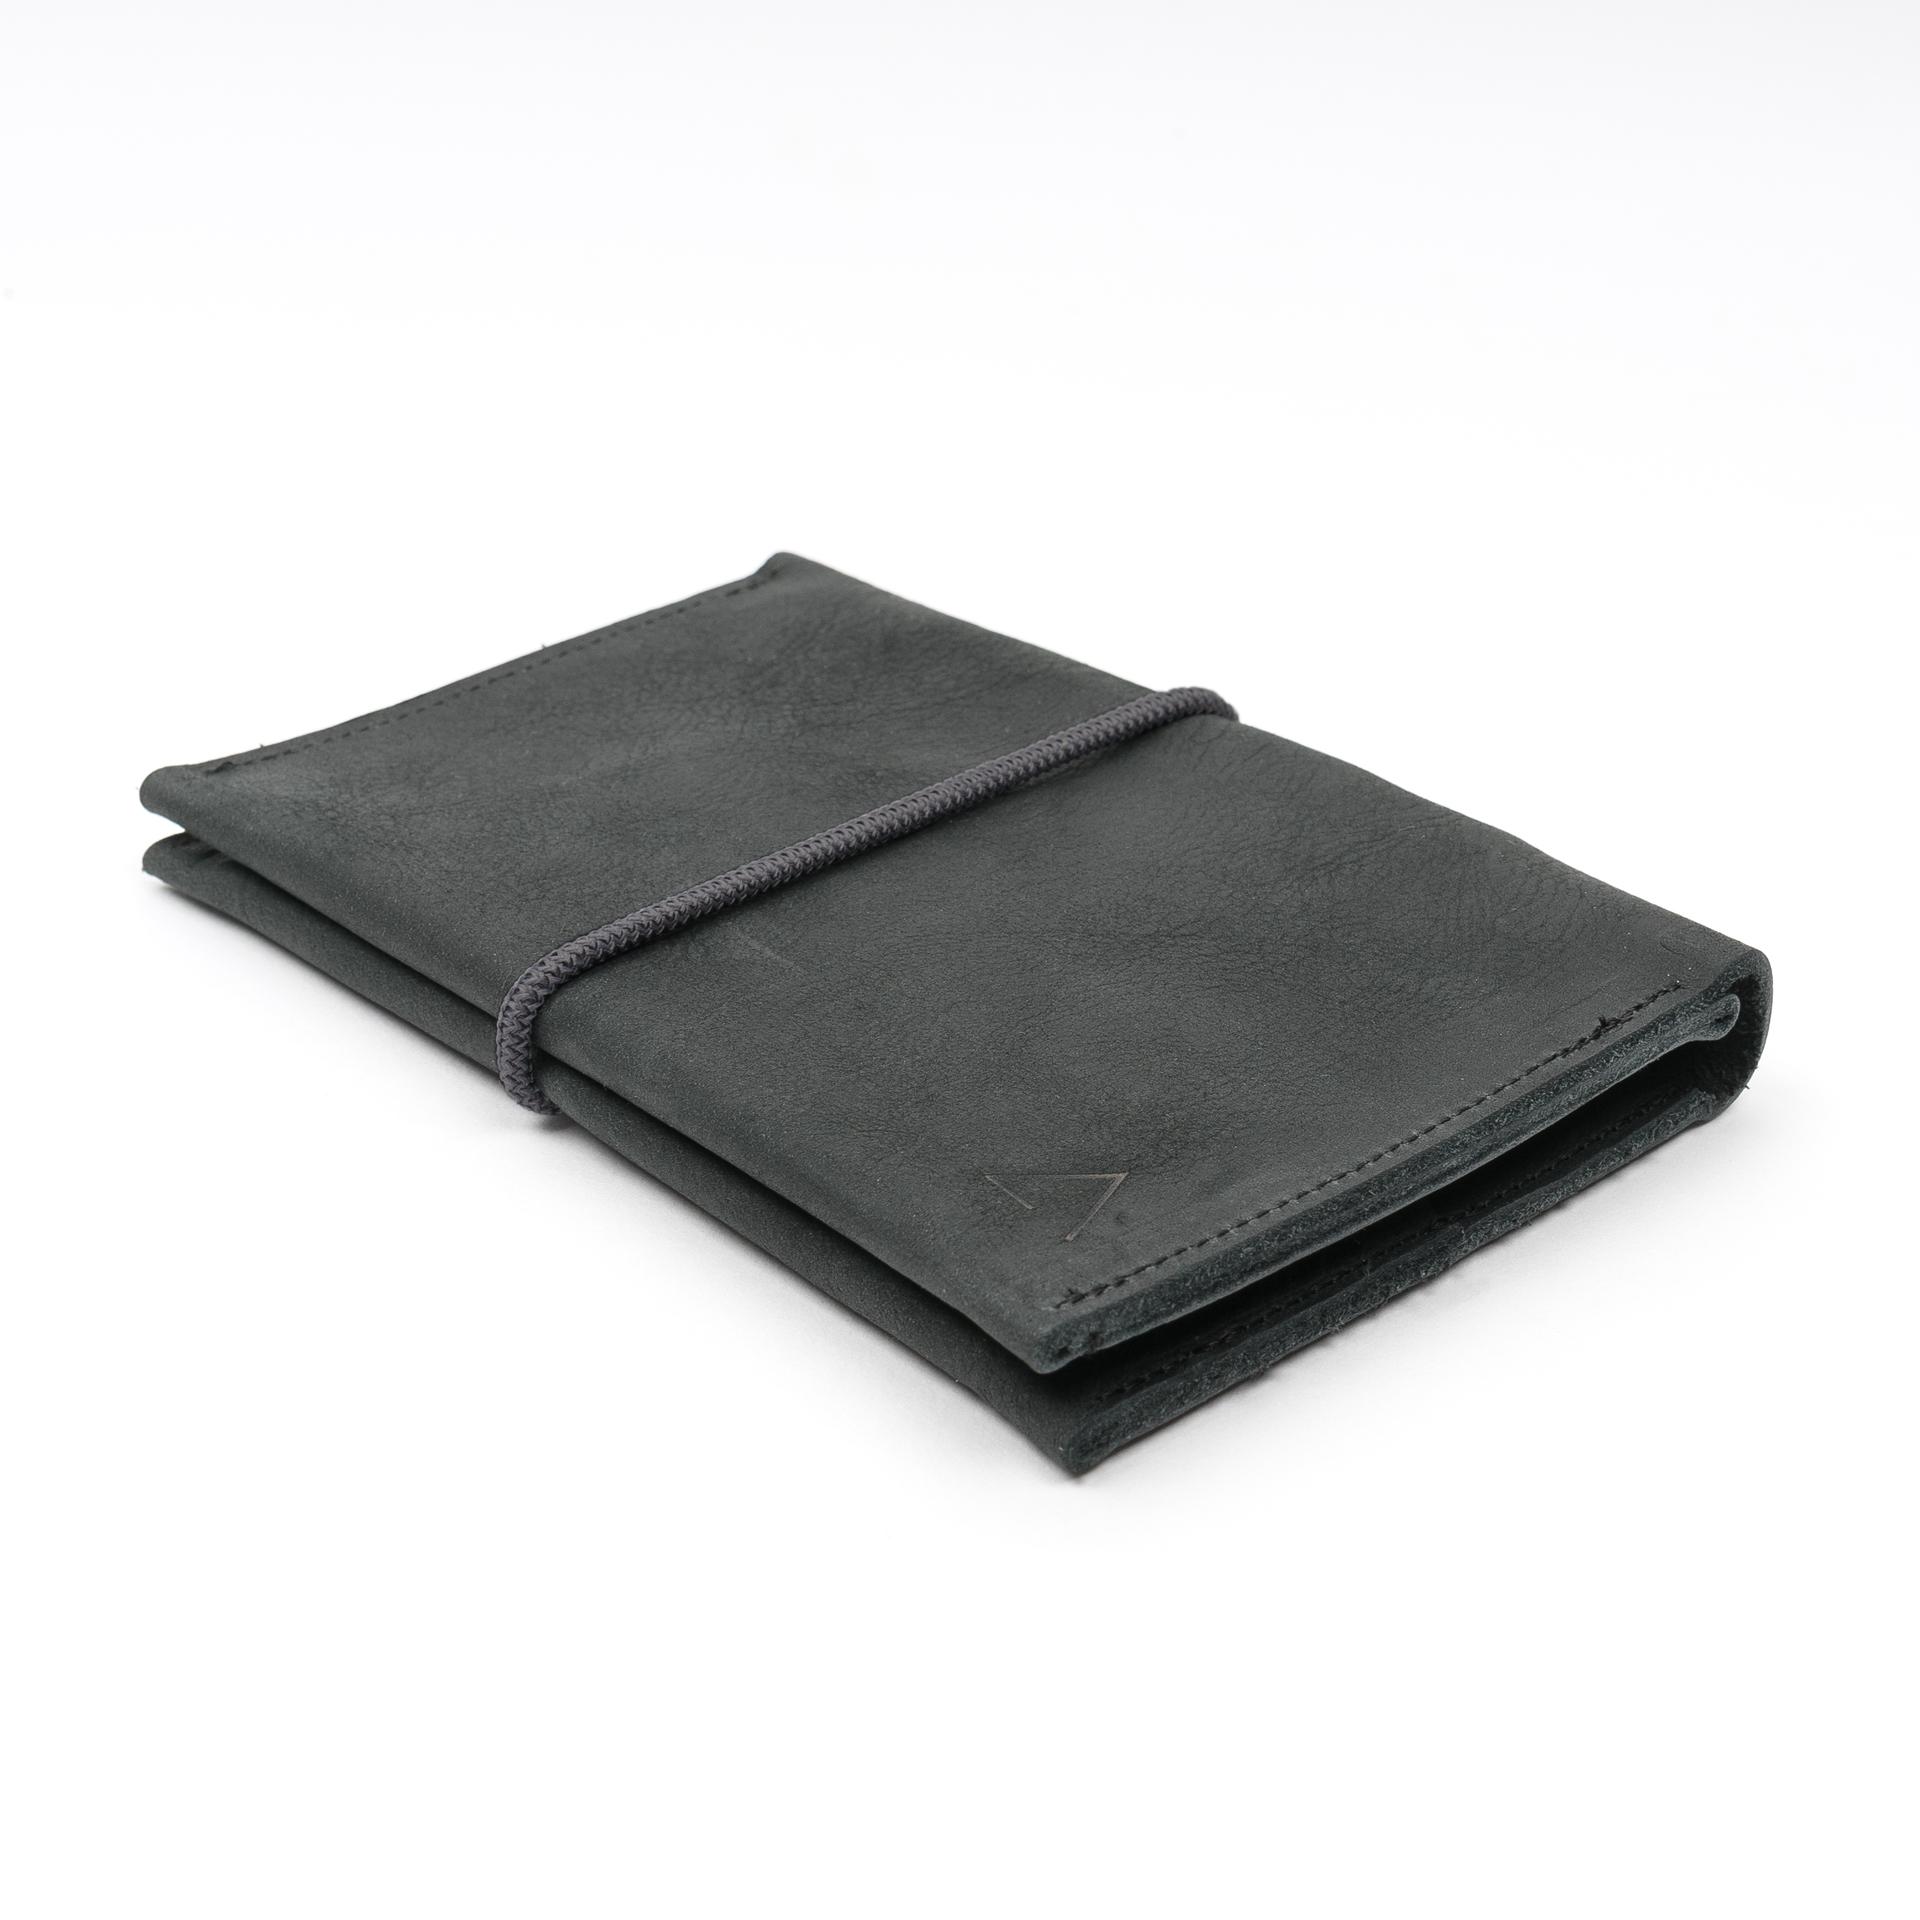 Portemonnaie OLI LARGE aus nachhaltigem Naturleder in Kohle mit grauem Verschlussband